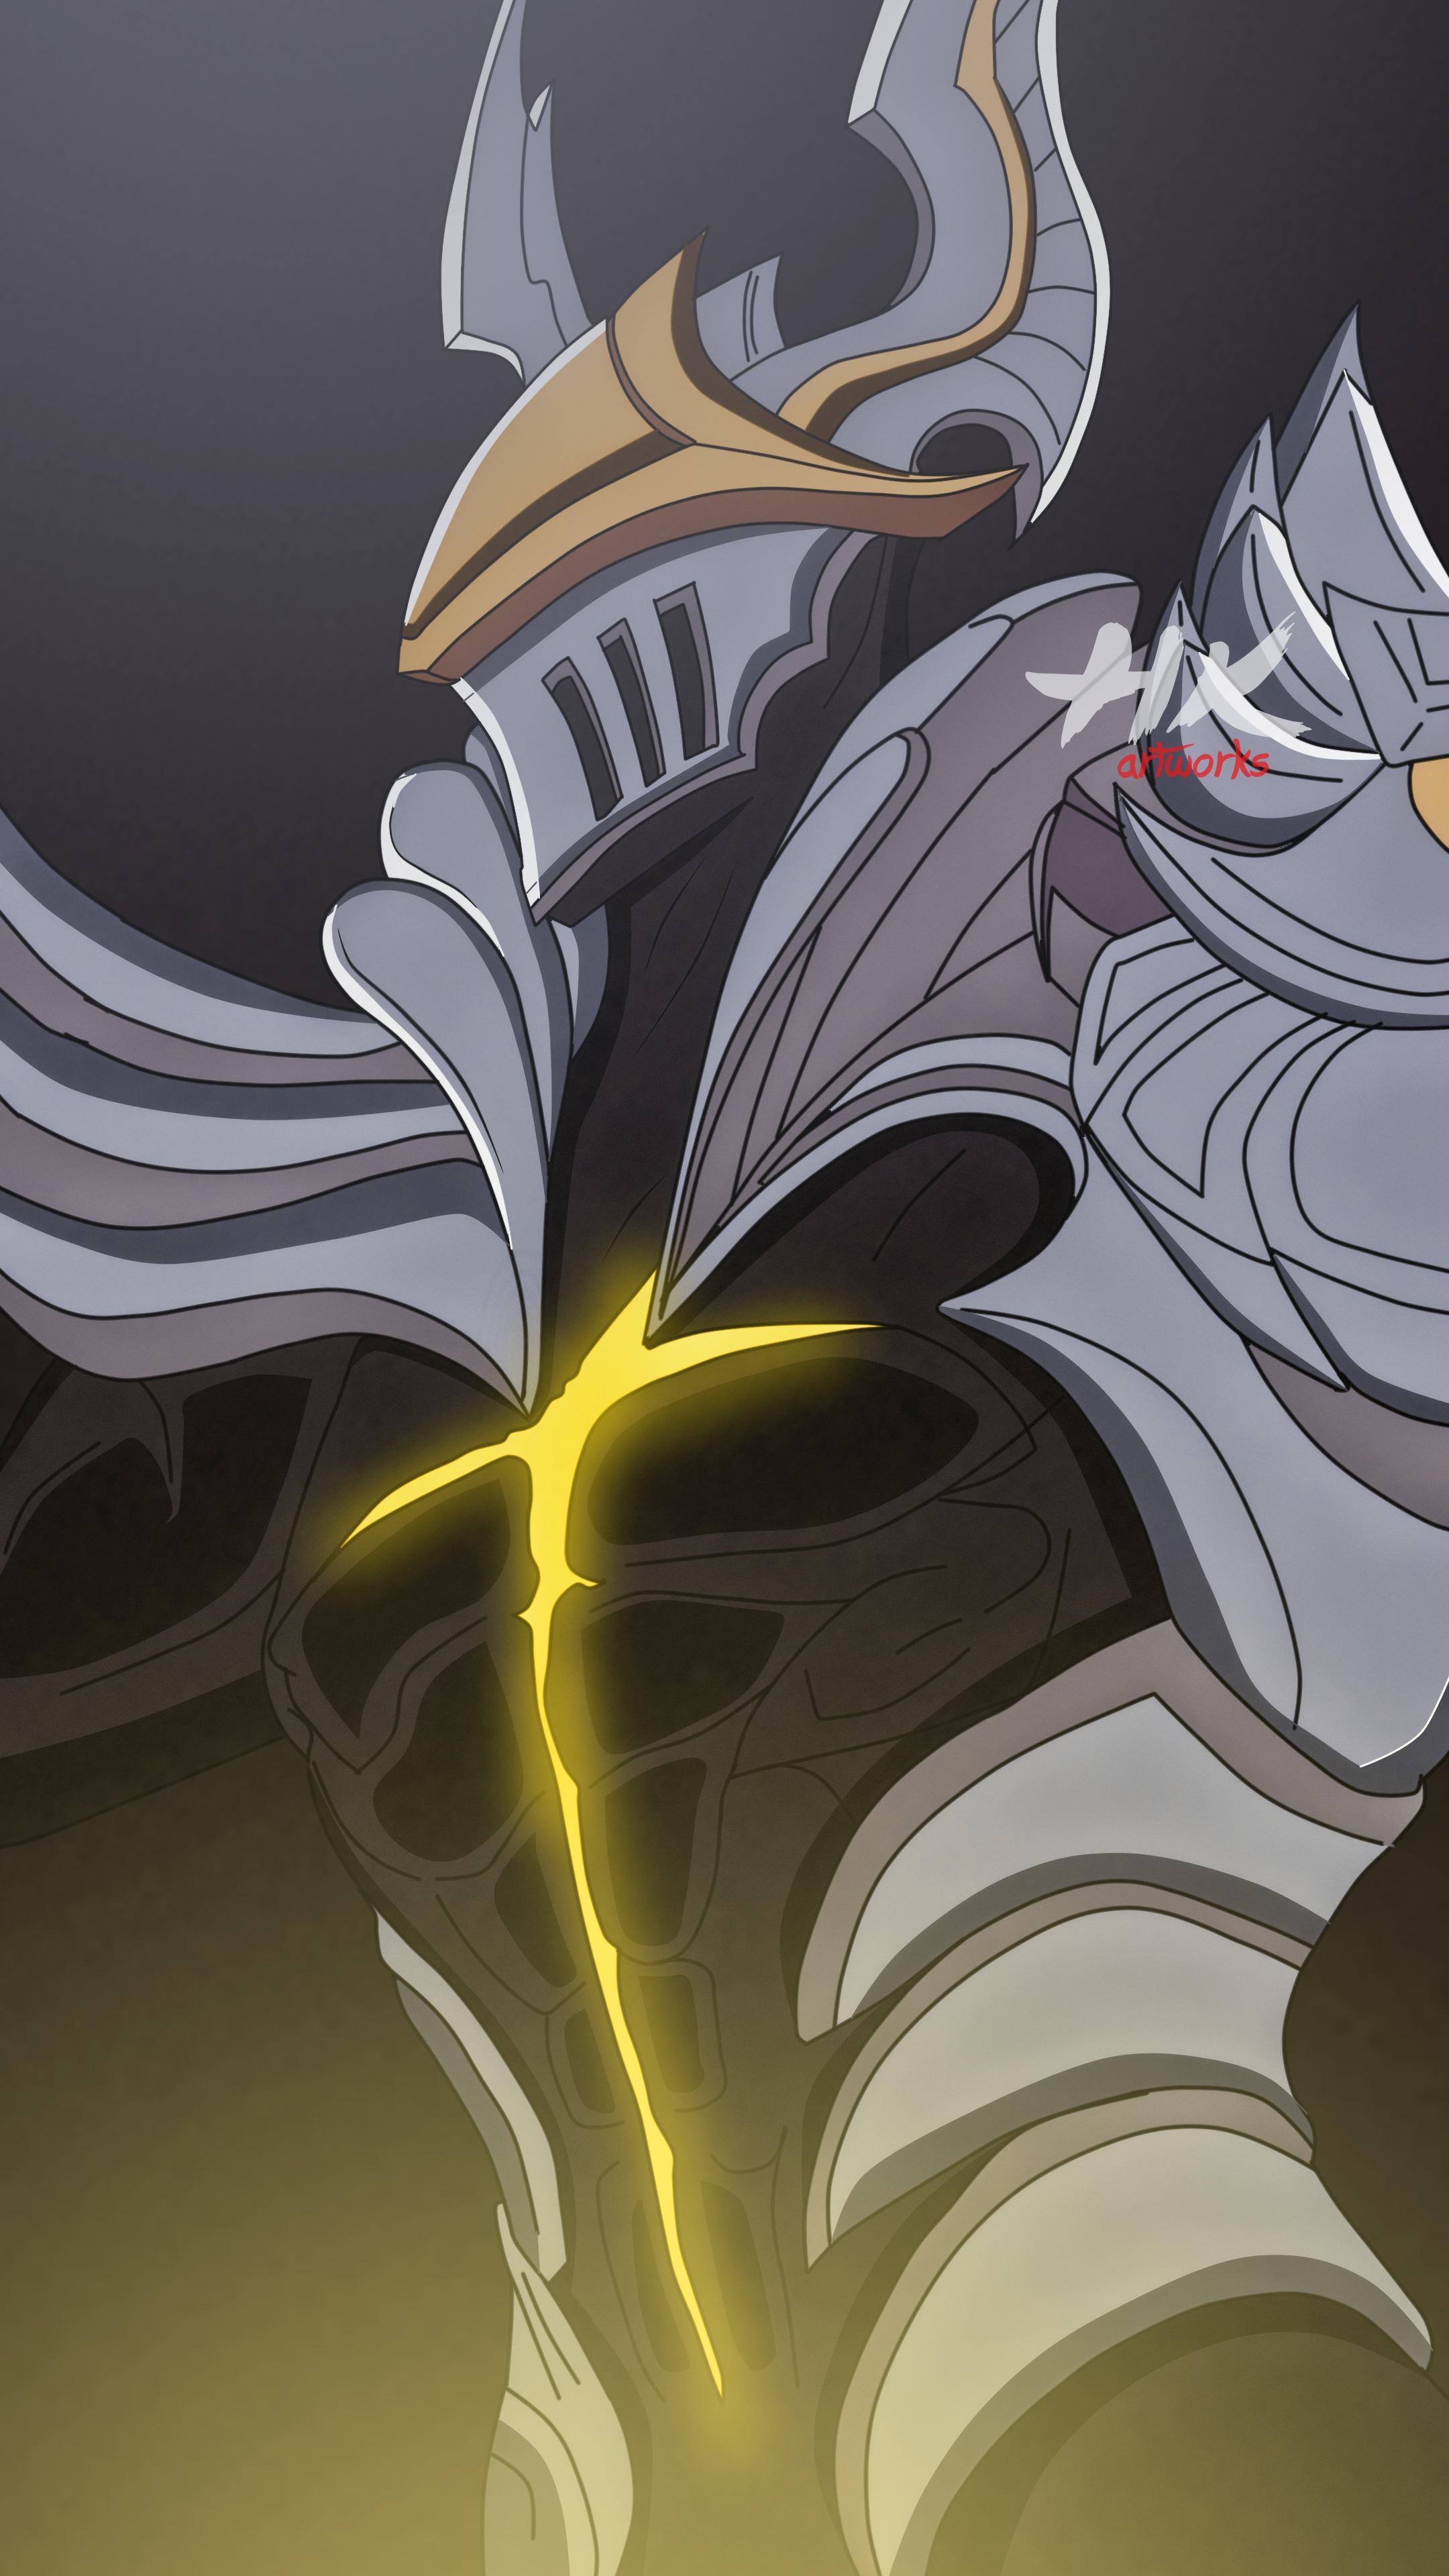 Argus Light Of Dawn Anime Style By Hkartworks99 On Deviantart